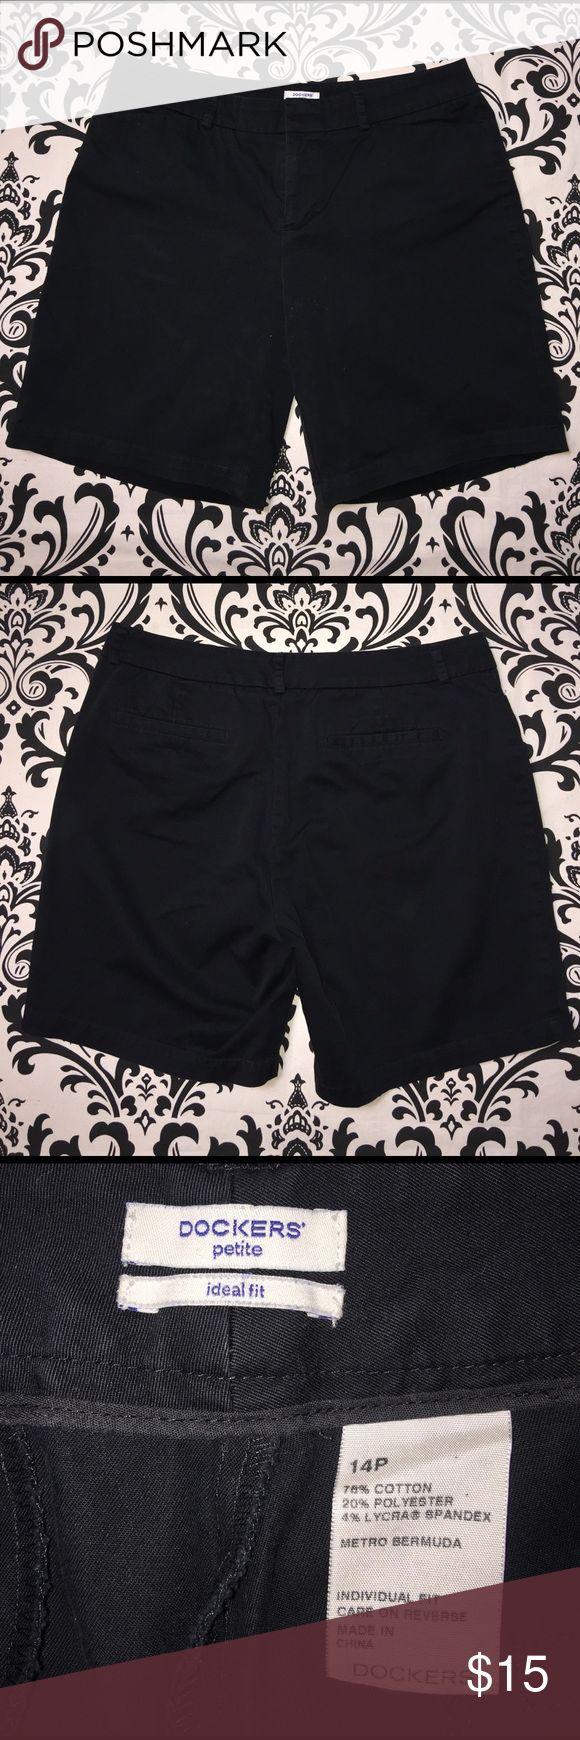 Women's Black Dockers petite shorts size 14P Women's Black Dockers petite ideal fit shorts size 14P. Excellent condition. Bundle and save! Dockers Shorts Bermudas